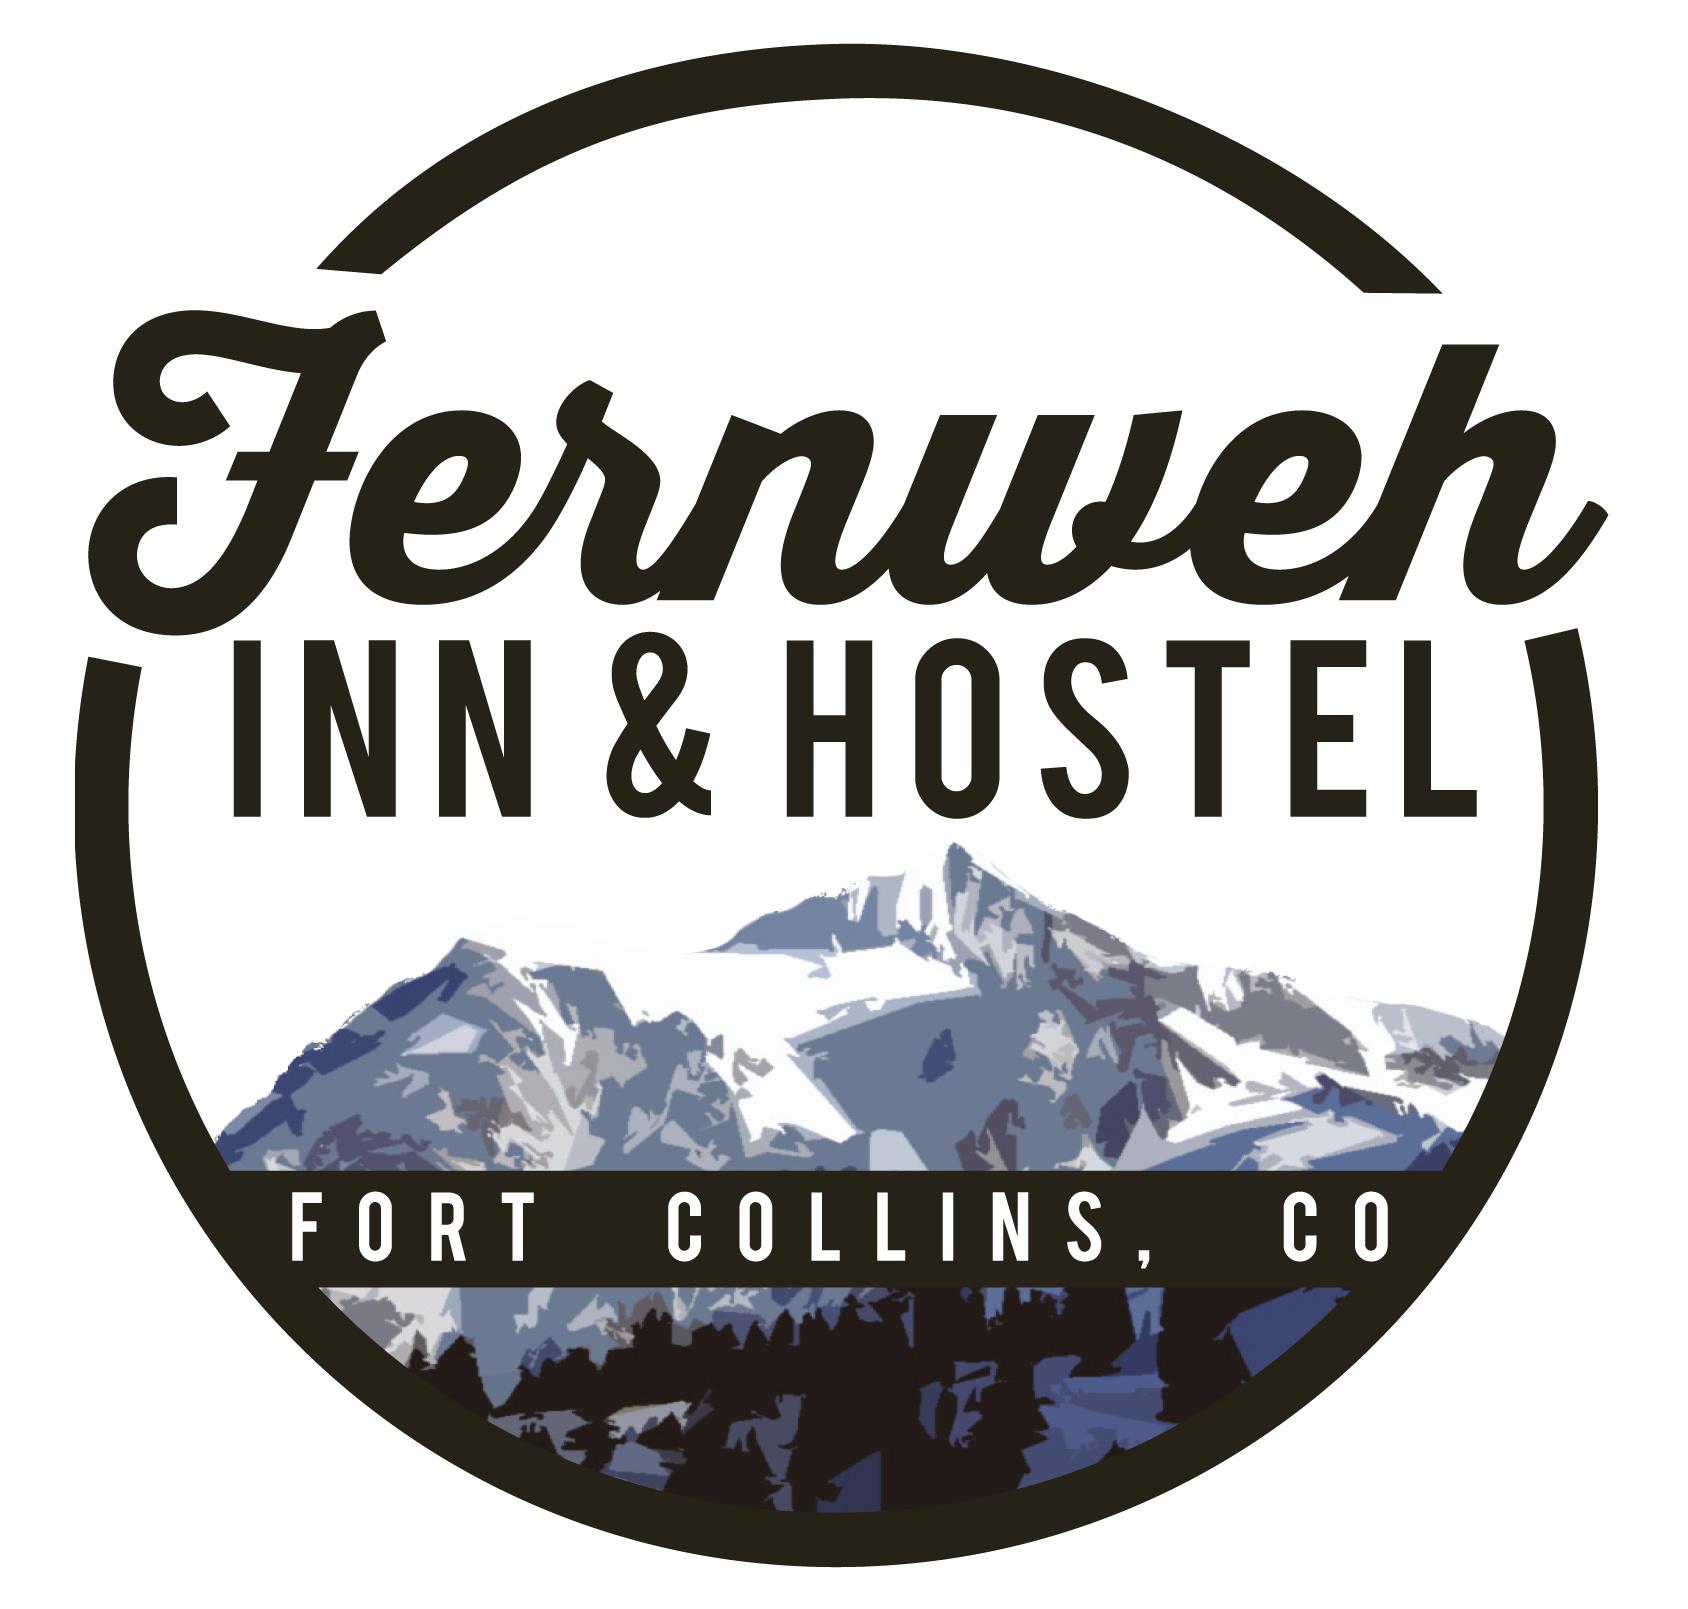 Website_Inn_Hostel.jpg